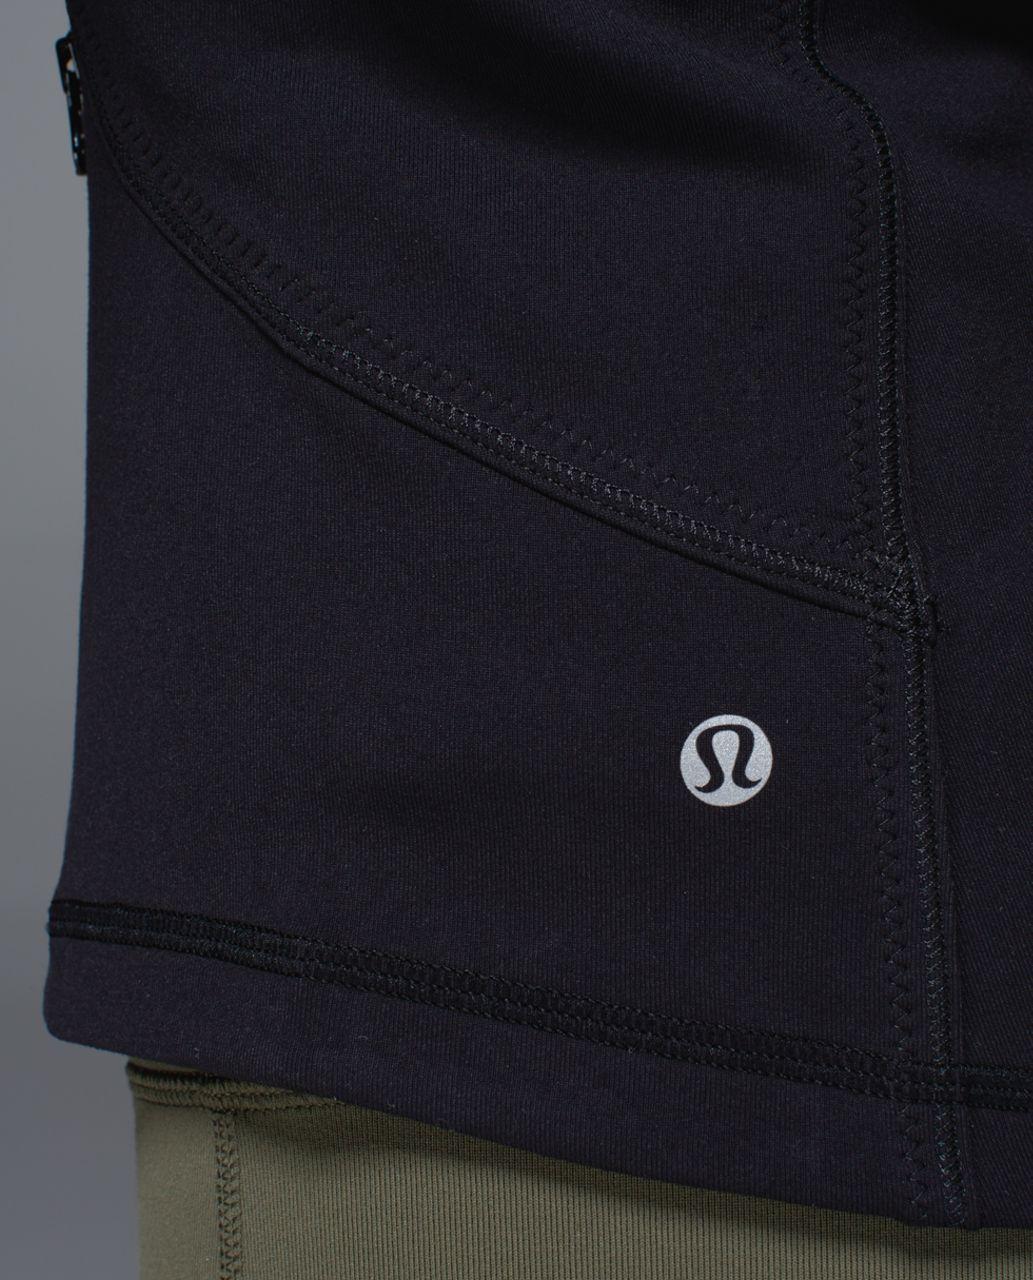 Lululemon Forme Jacket II *Brushed - Black